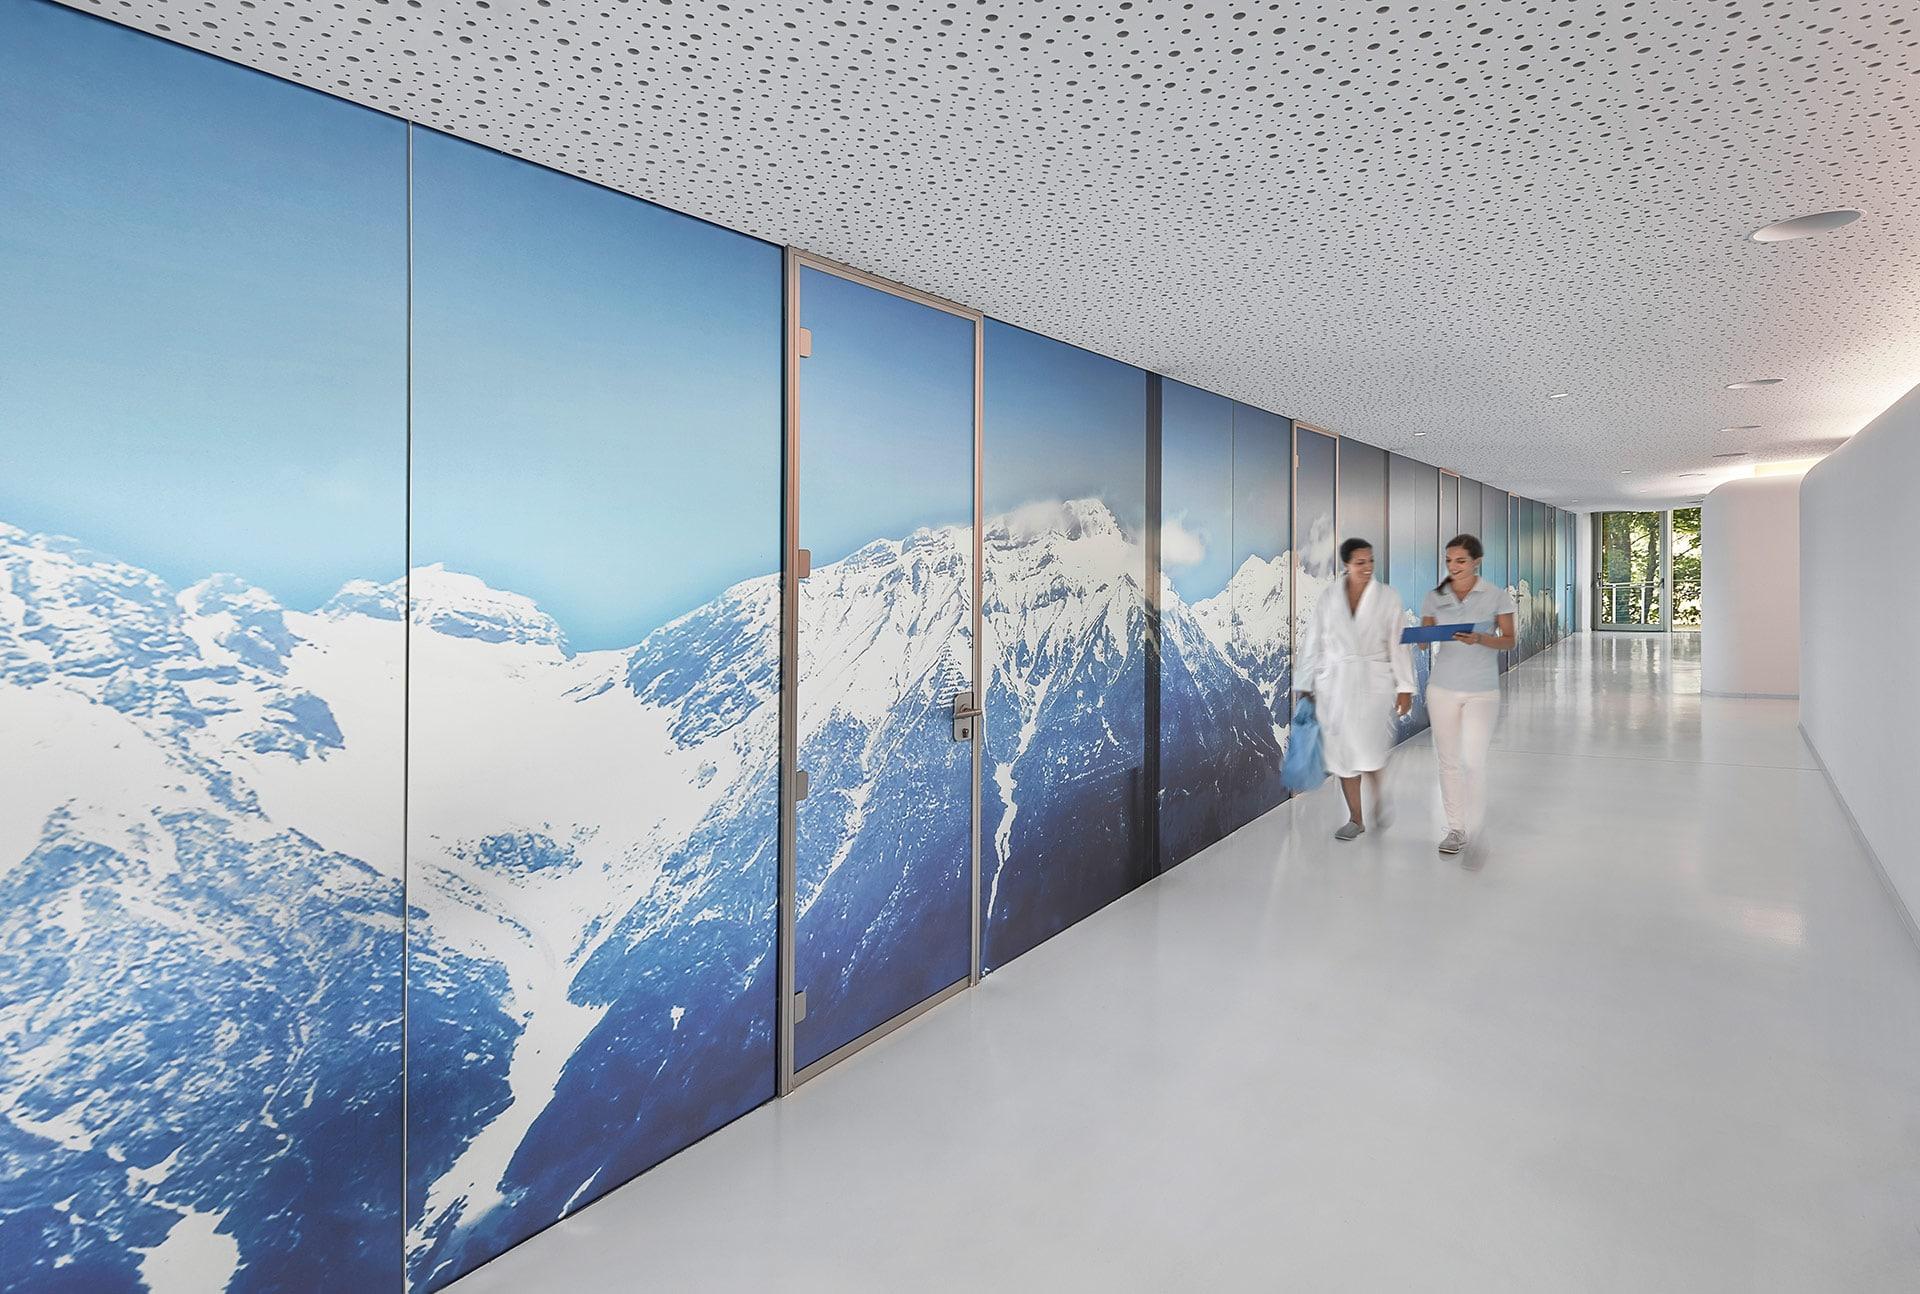 Korridor mit Bergpanorama und zwei Frauen im Lanserhof Lans